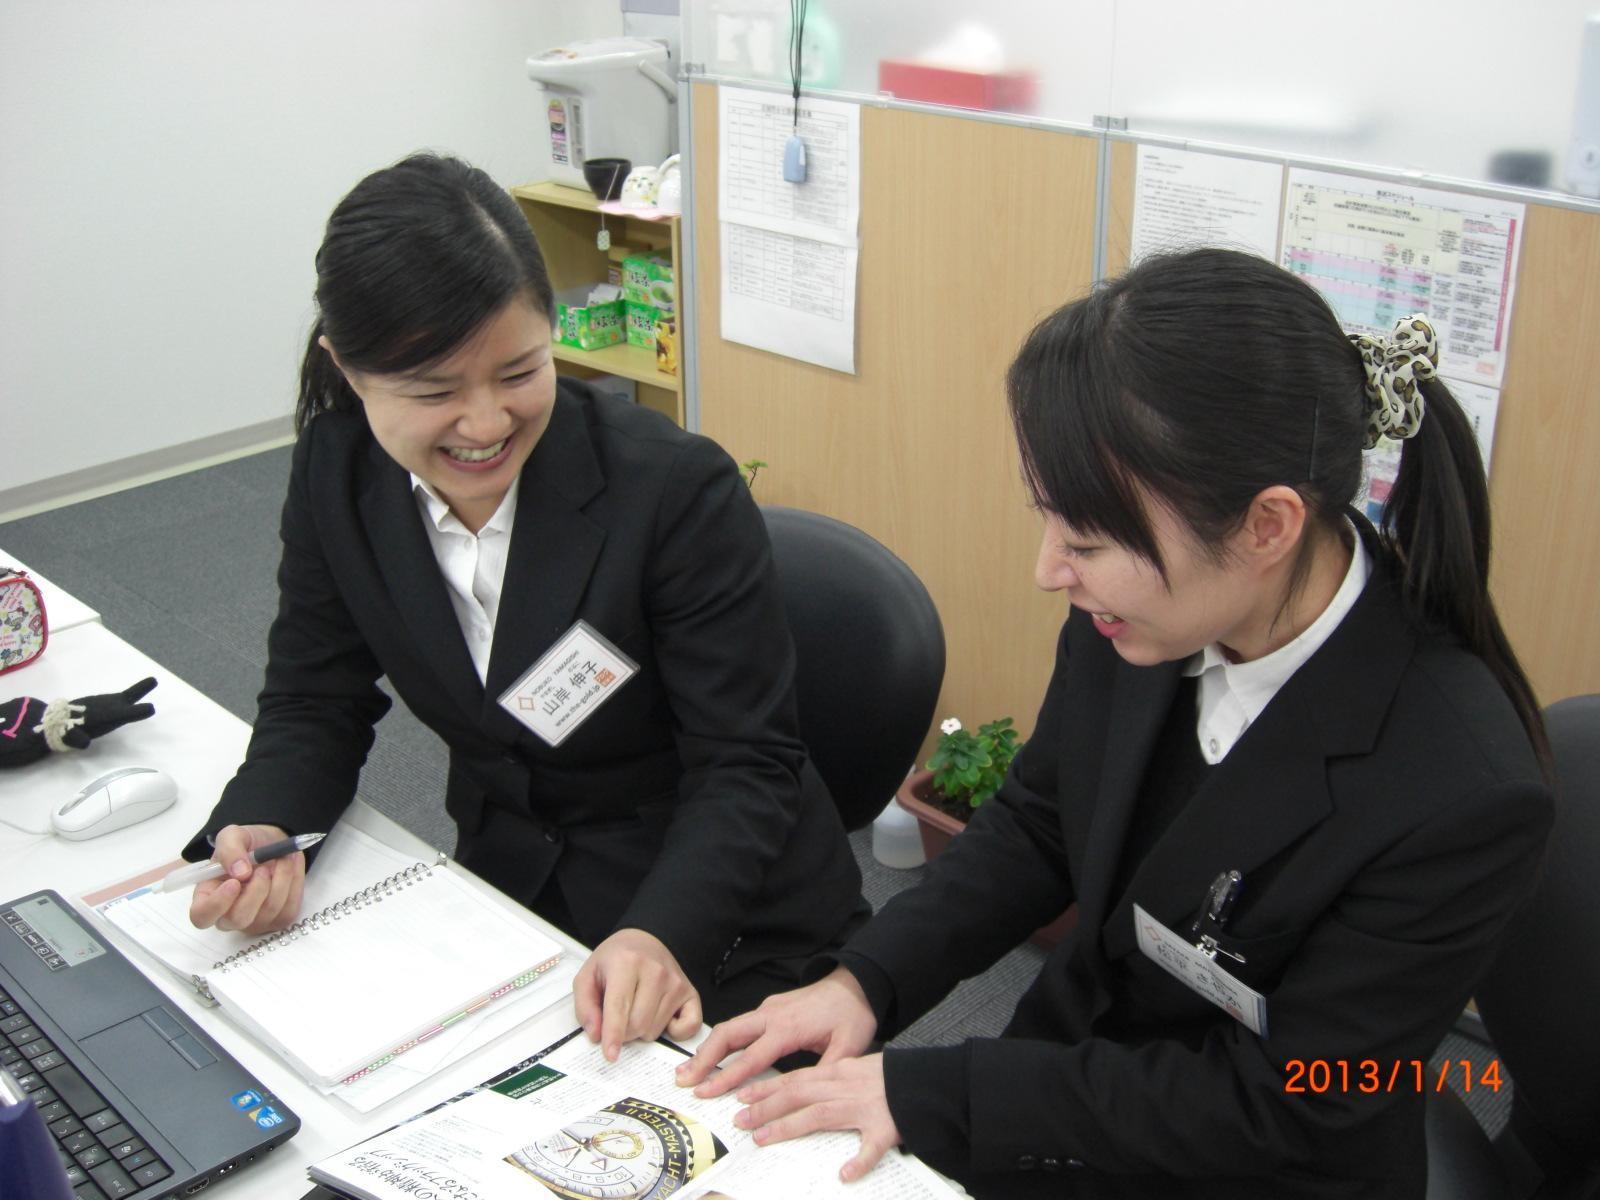 ザ・ゴールド 会津若松店のアルバイト情報